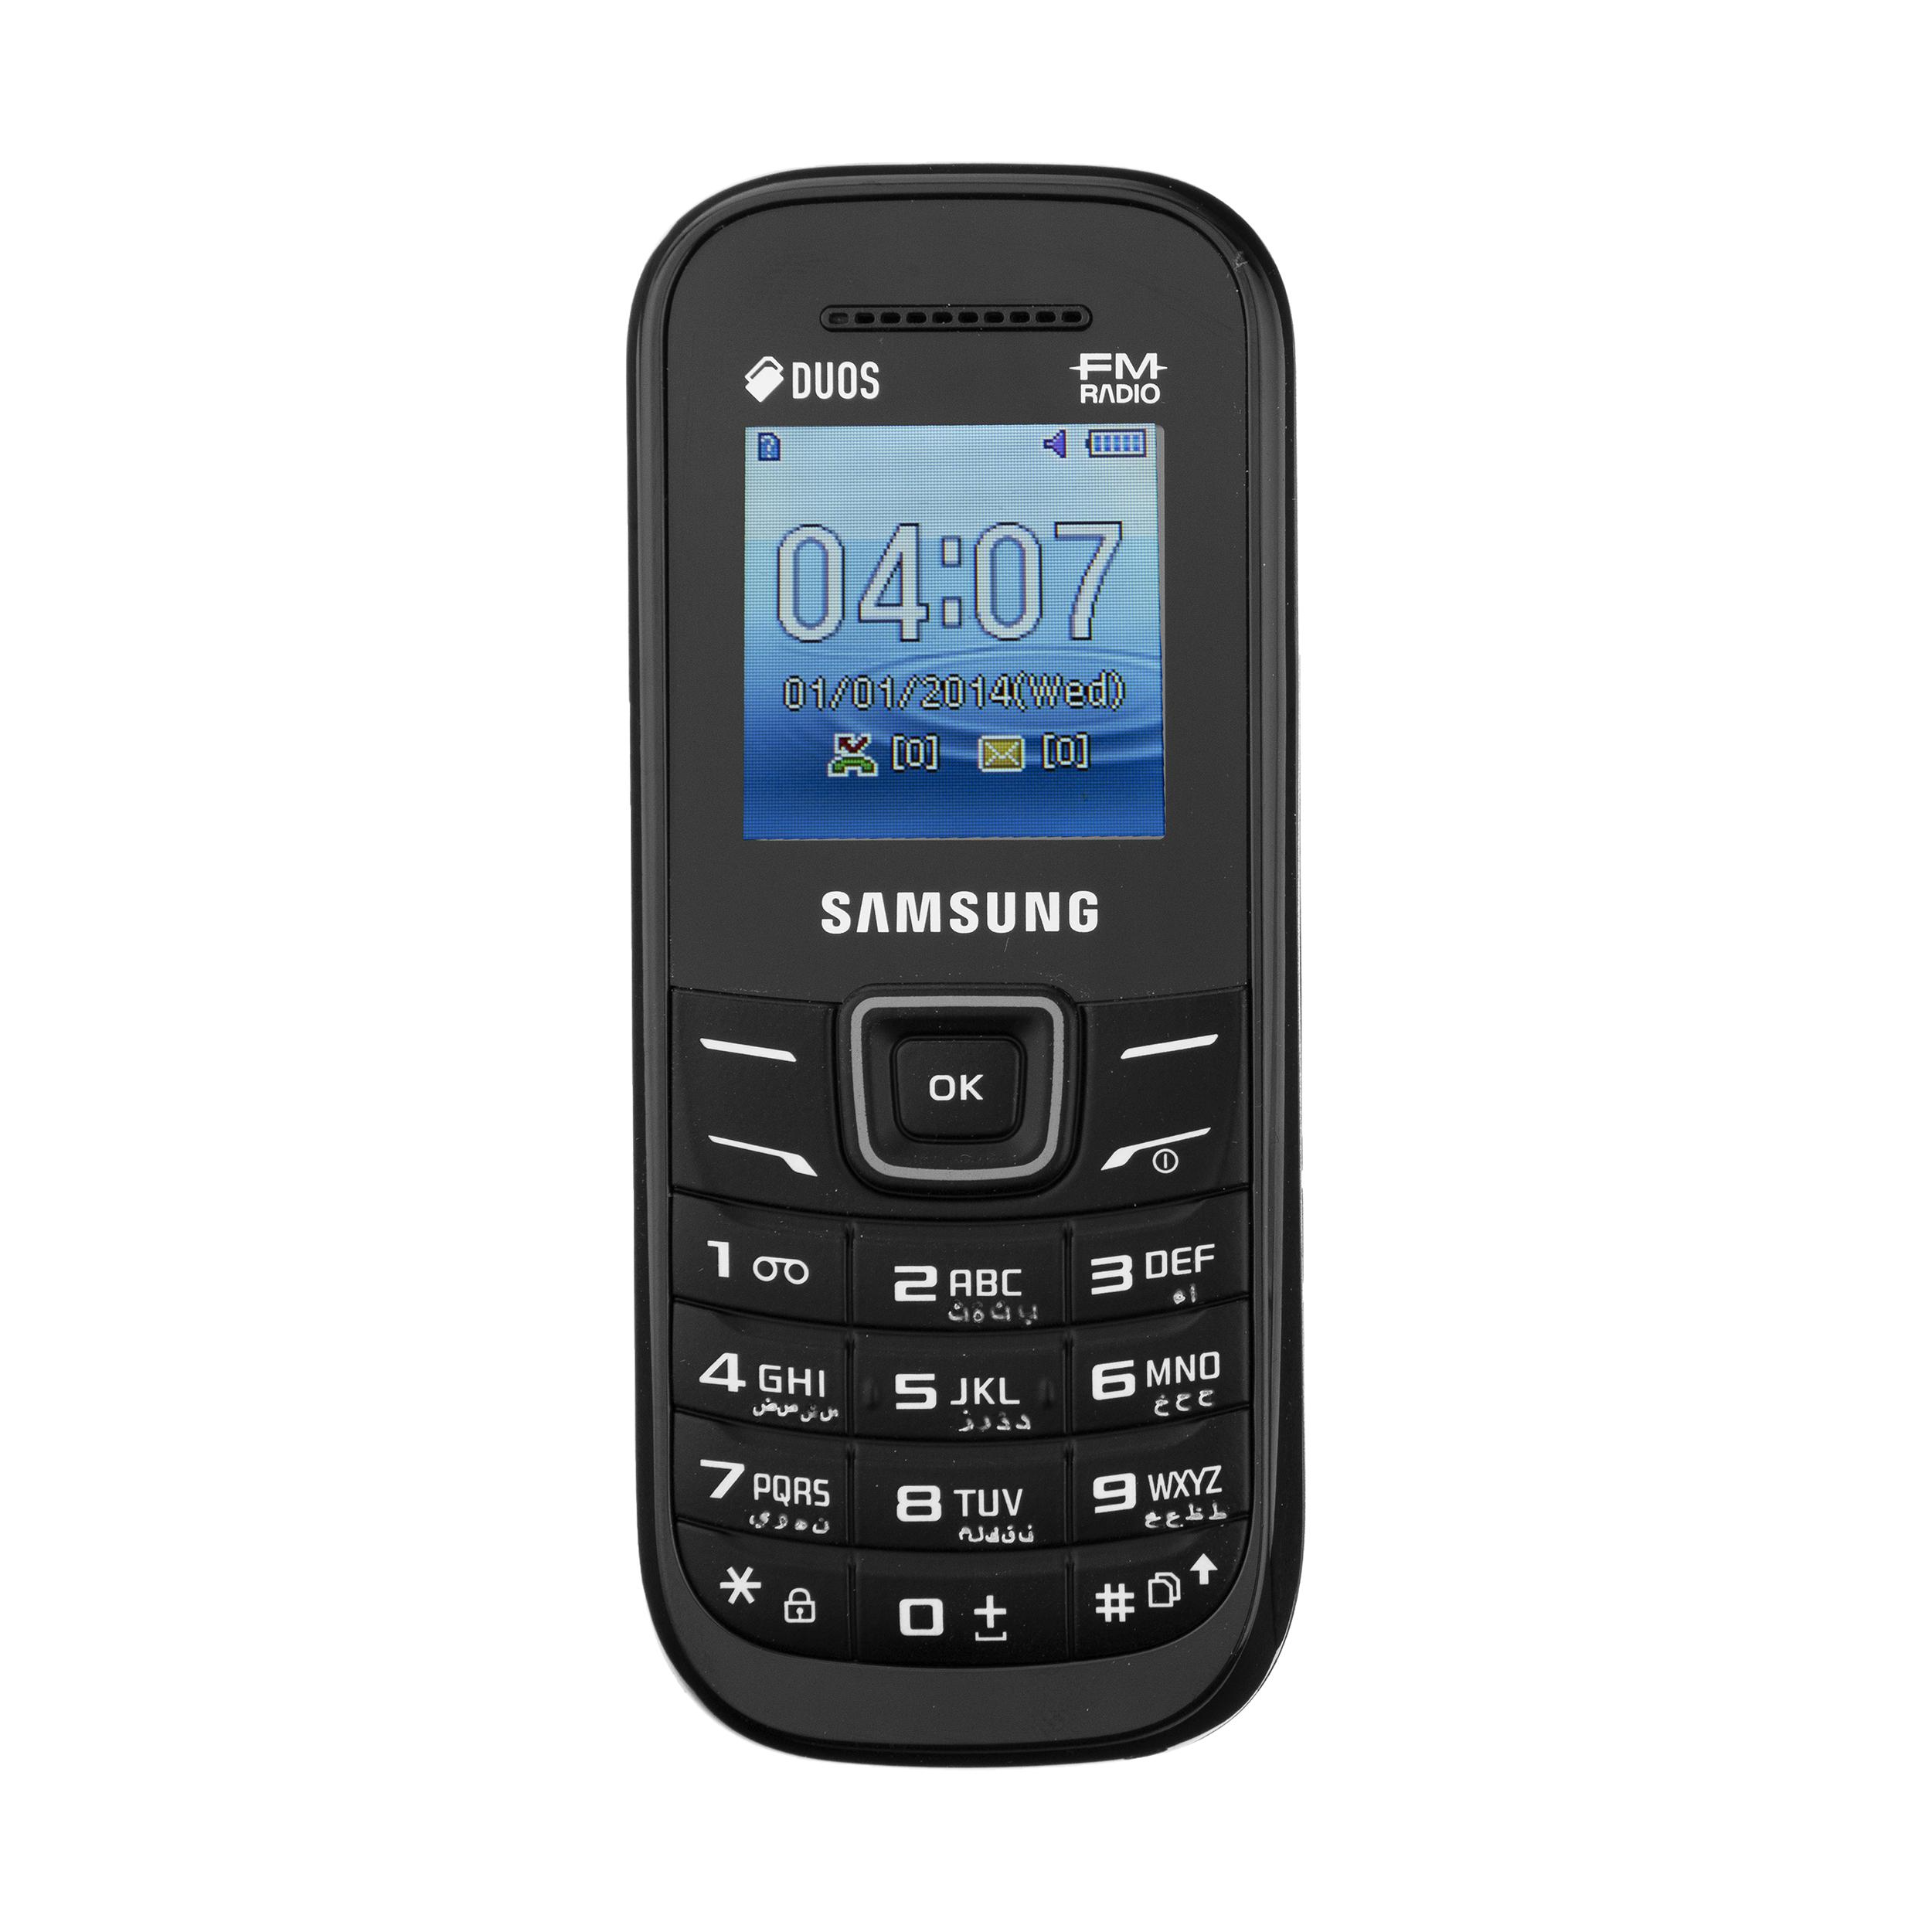 گوشی موبایل سامسونگ مدل Keystone 2 GT-E1207Y دو سیم کارت